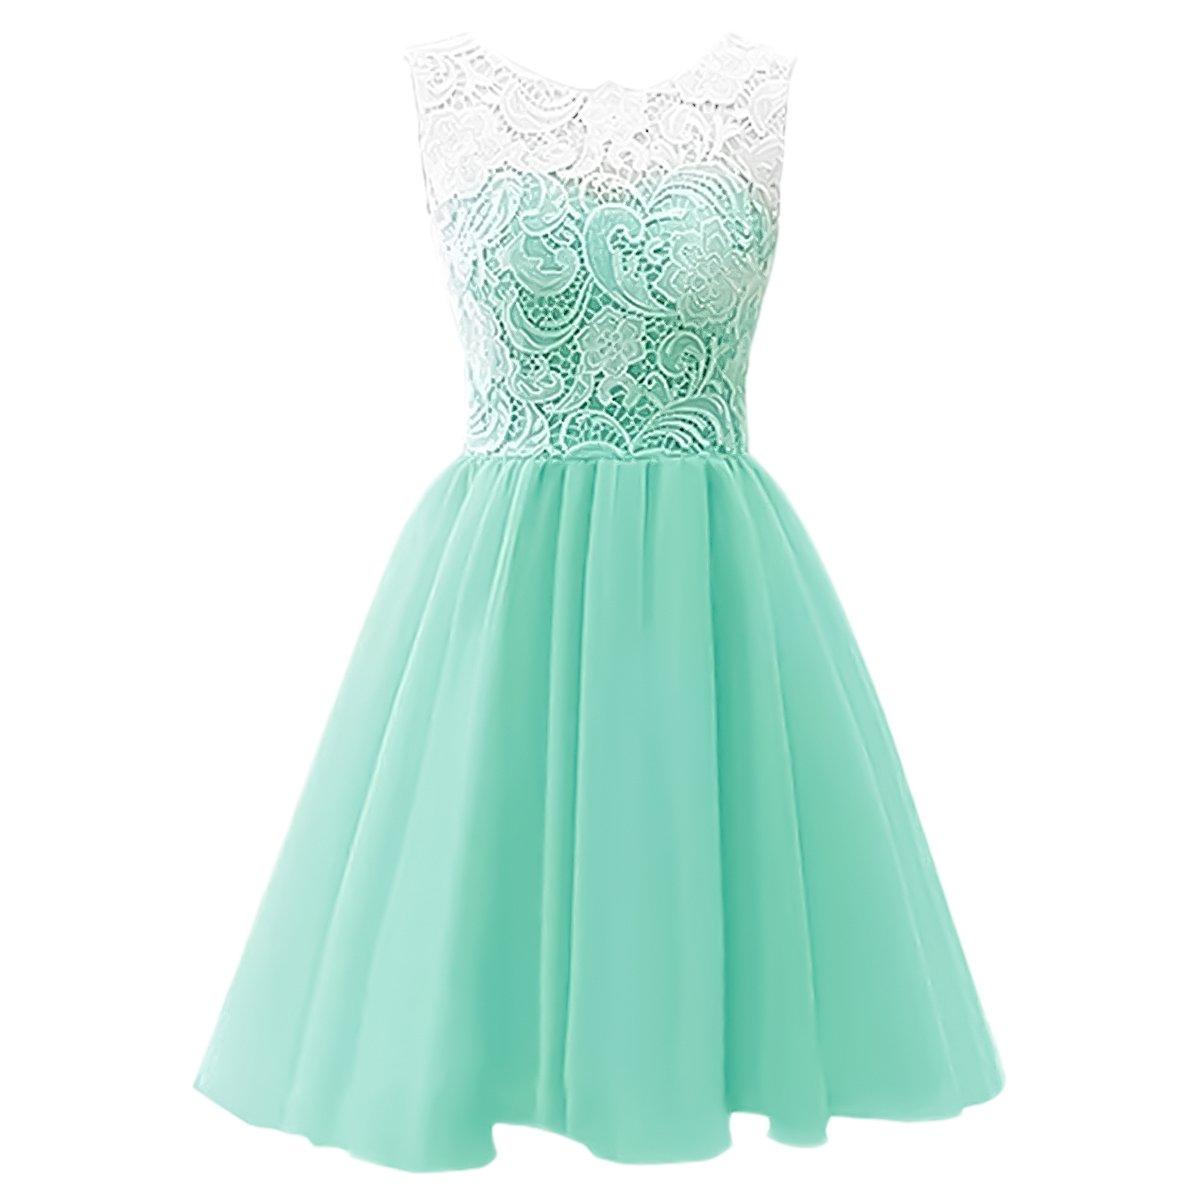 Amazon.com: IBTOM CASTLE Kids Girls Short Lace Party Dresses Flower ...